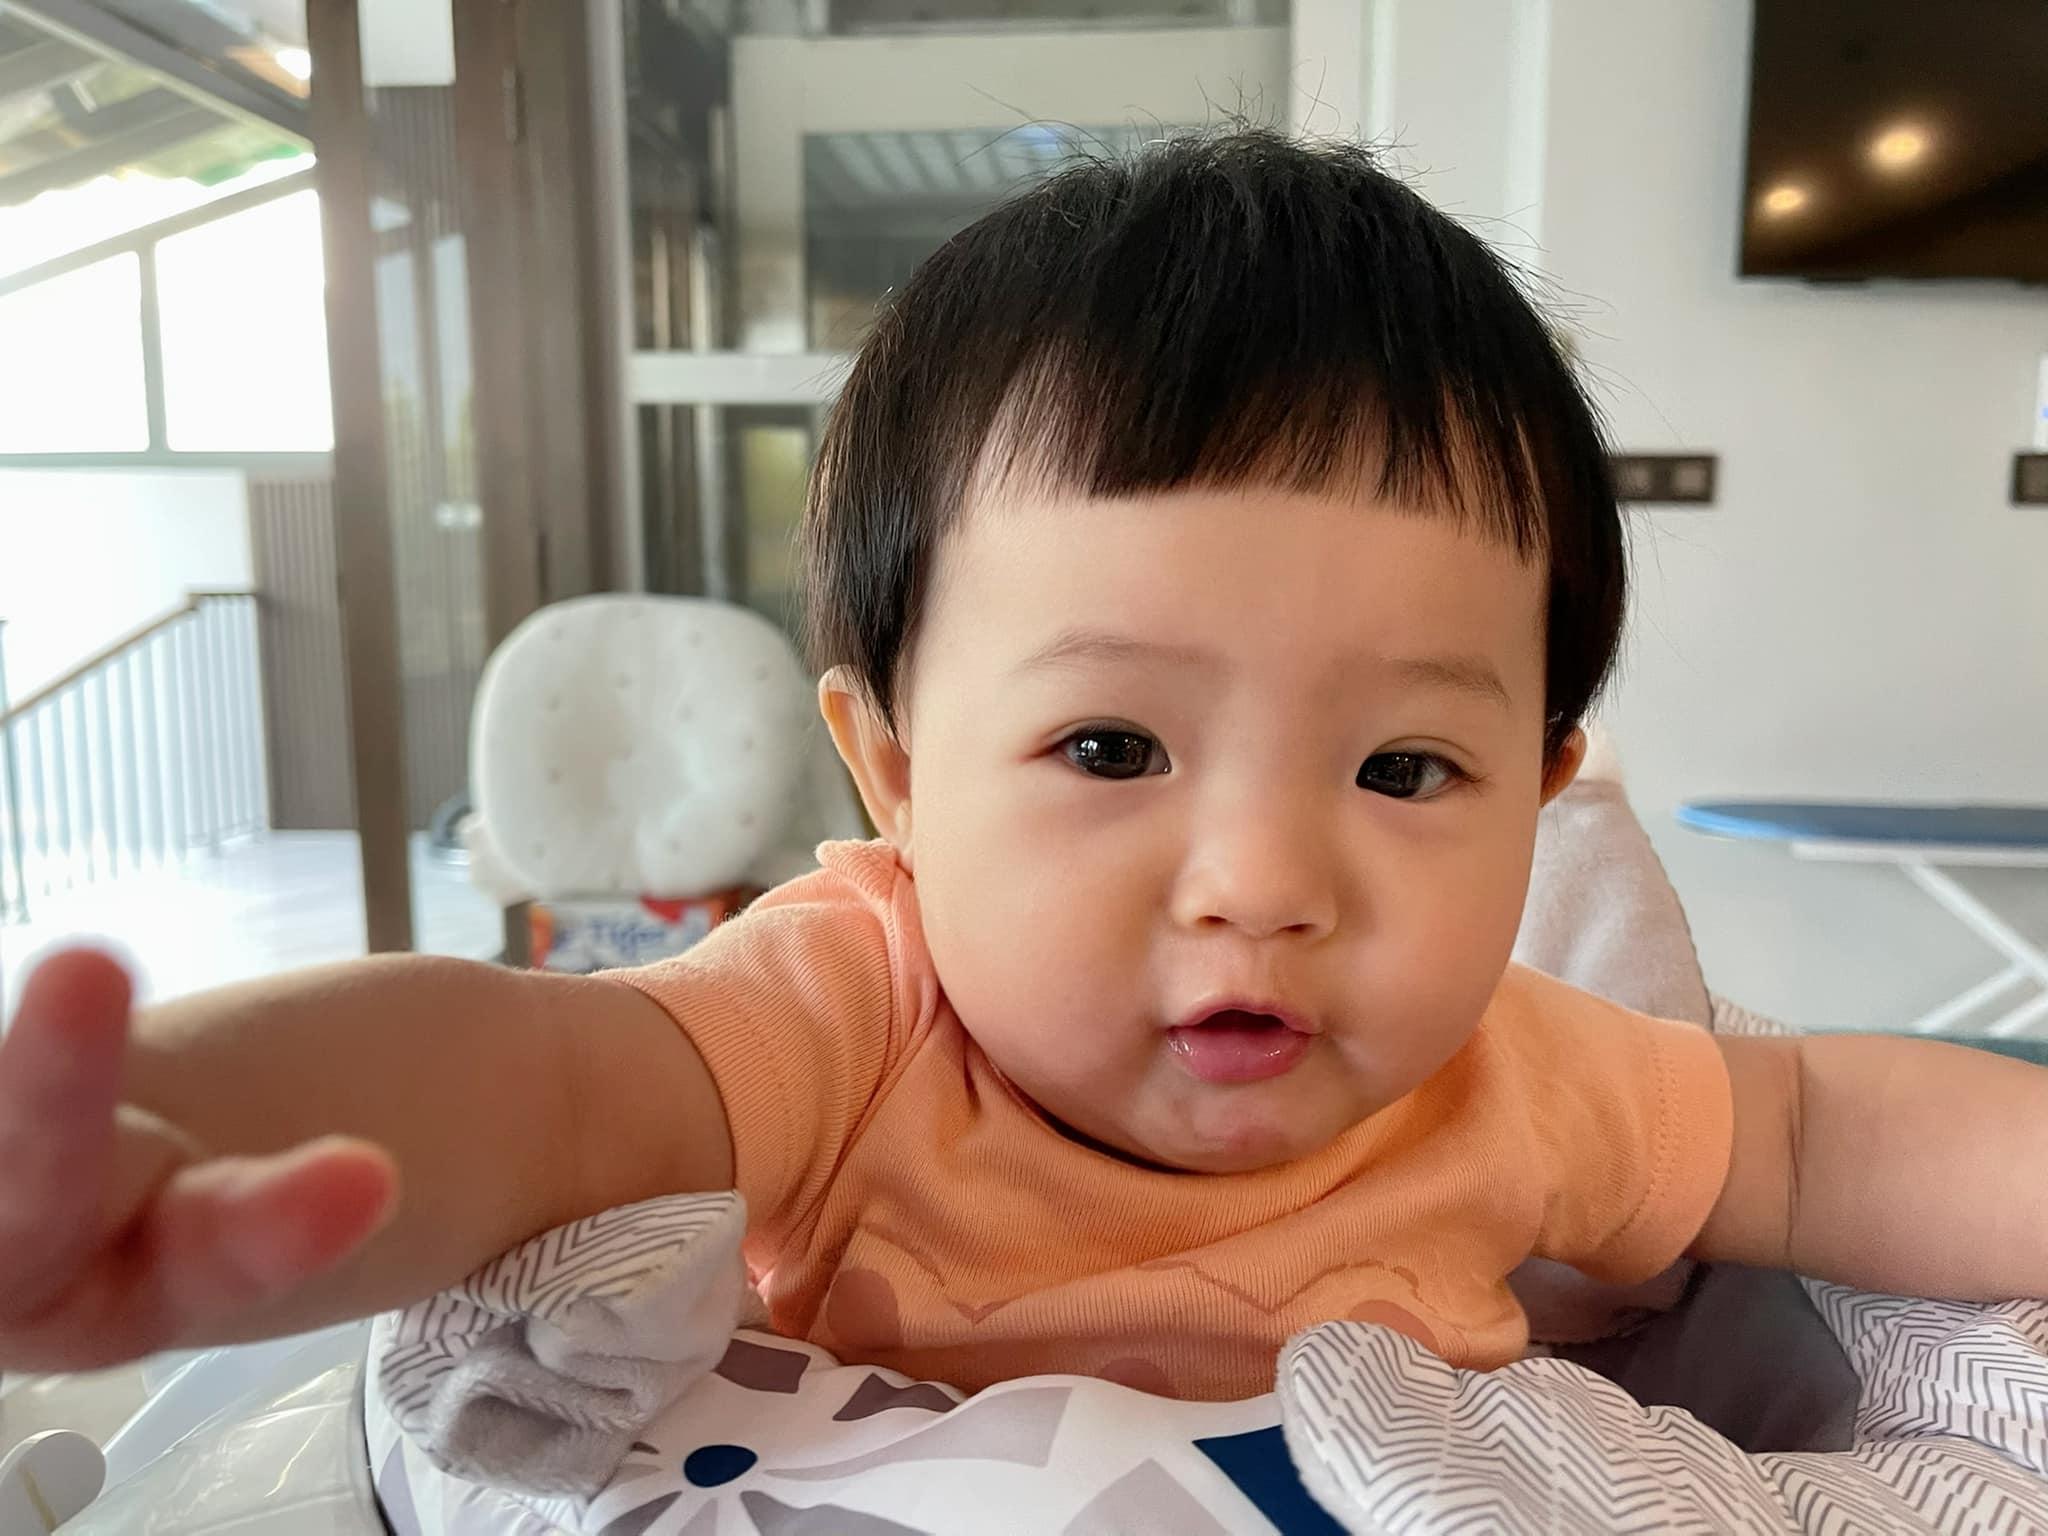 Thảo Linh con gái MC Quyền Linh gây sốt vì dung mạo xinh